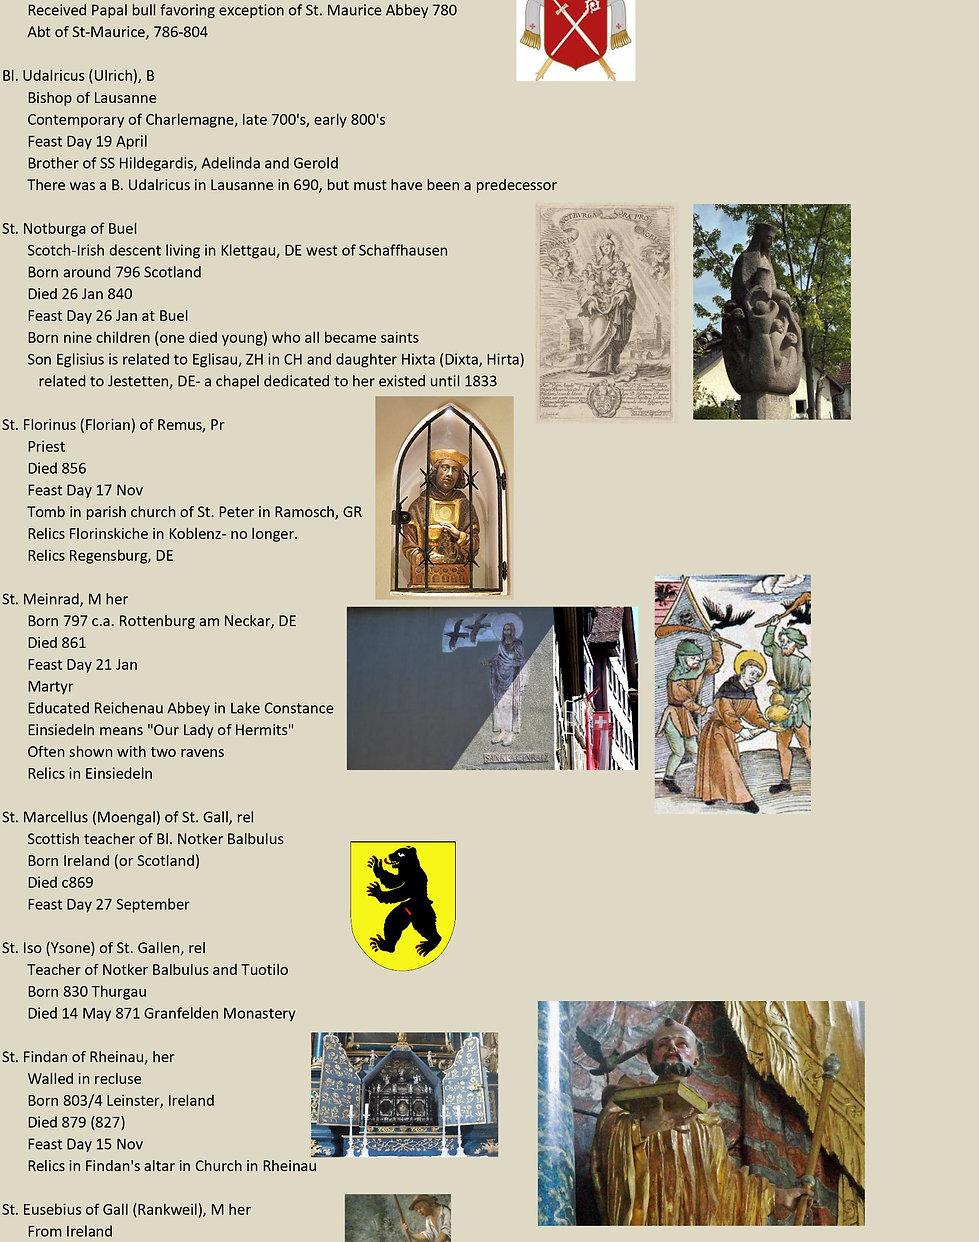 Liste de tous les saints suisses 13 sur 31